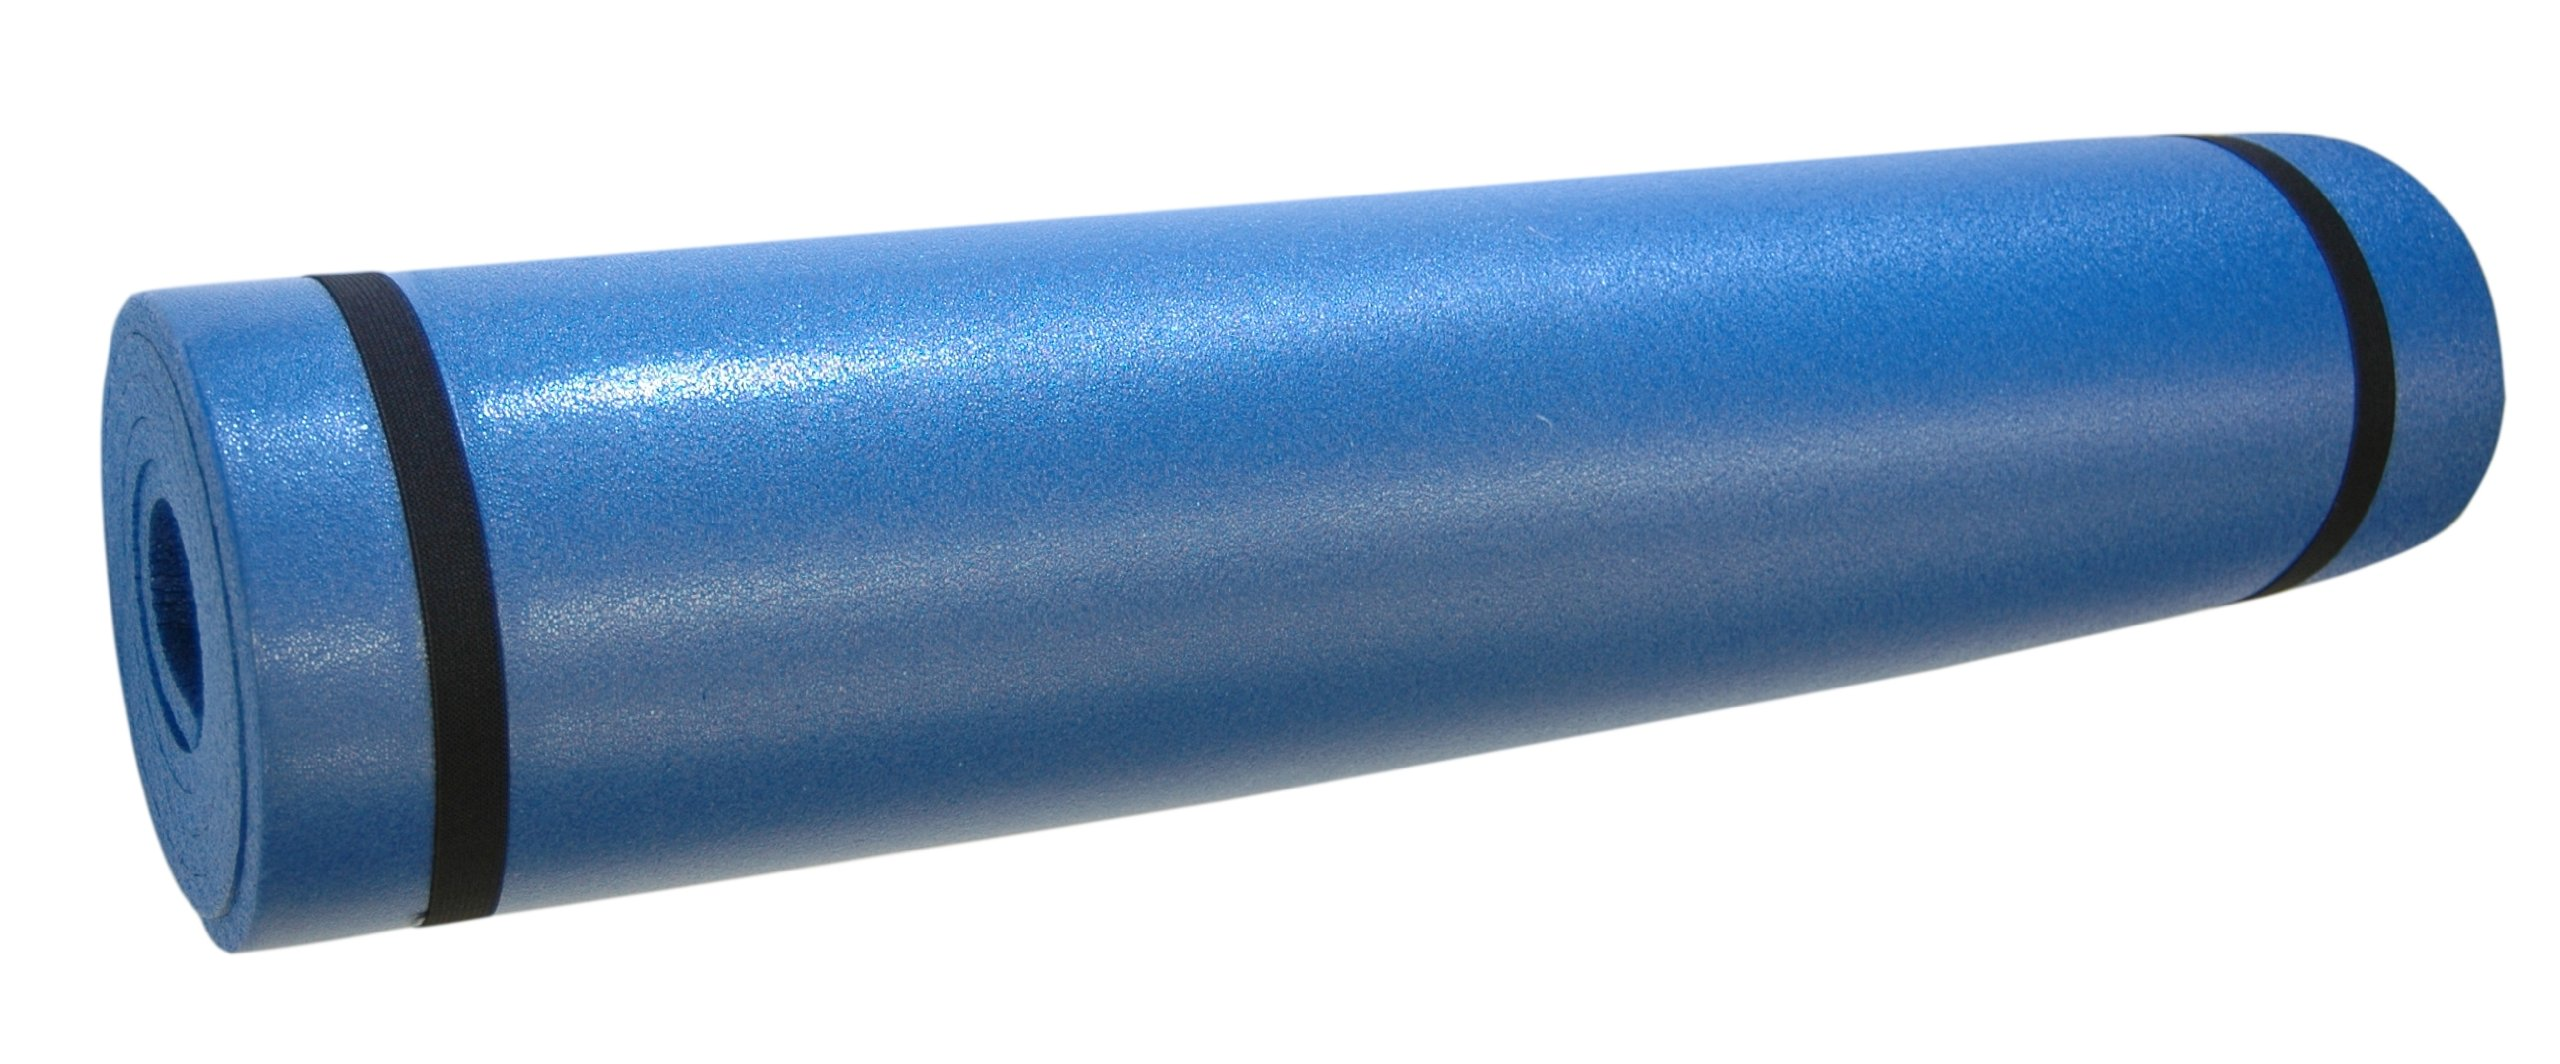 Trailside TrailFoam Airolite Foam Pad, 72x20x0.375-Inch